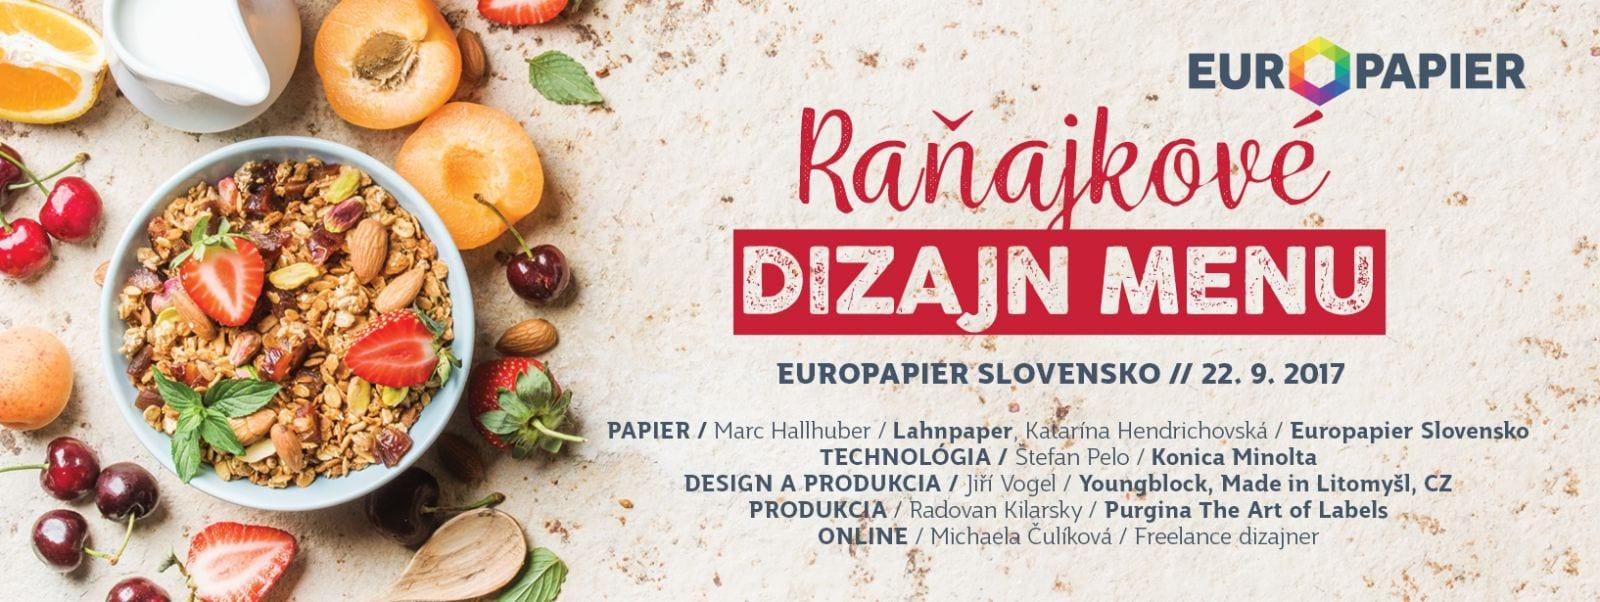 FB ranajkovedizajnmenu september - Raňajkové Dizajn MENU - Europapier Slovensko